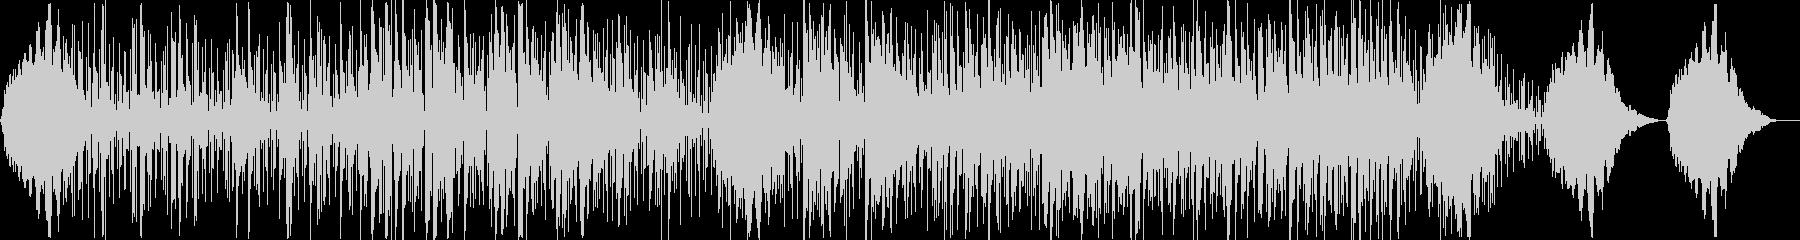 ピアノフォルテの雰囲気。逆音、スピ...の未再生の波形